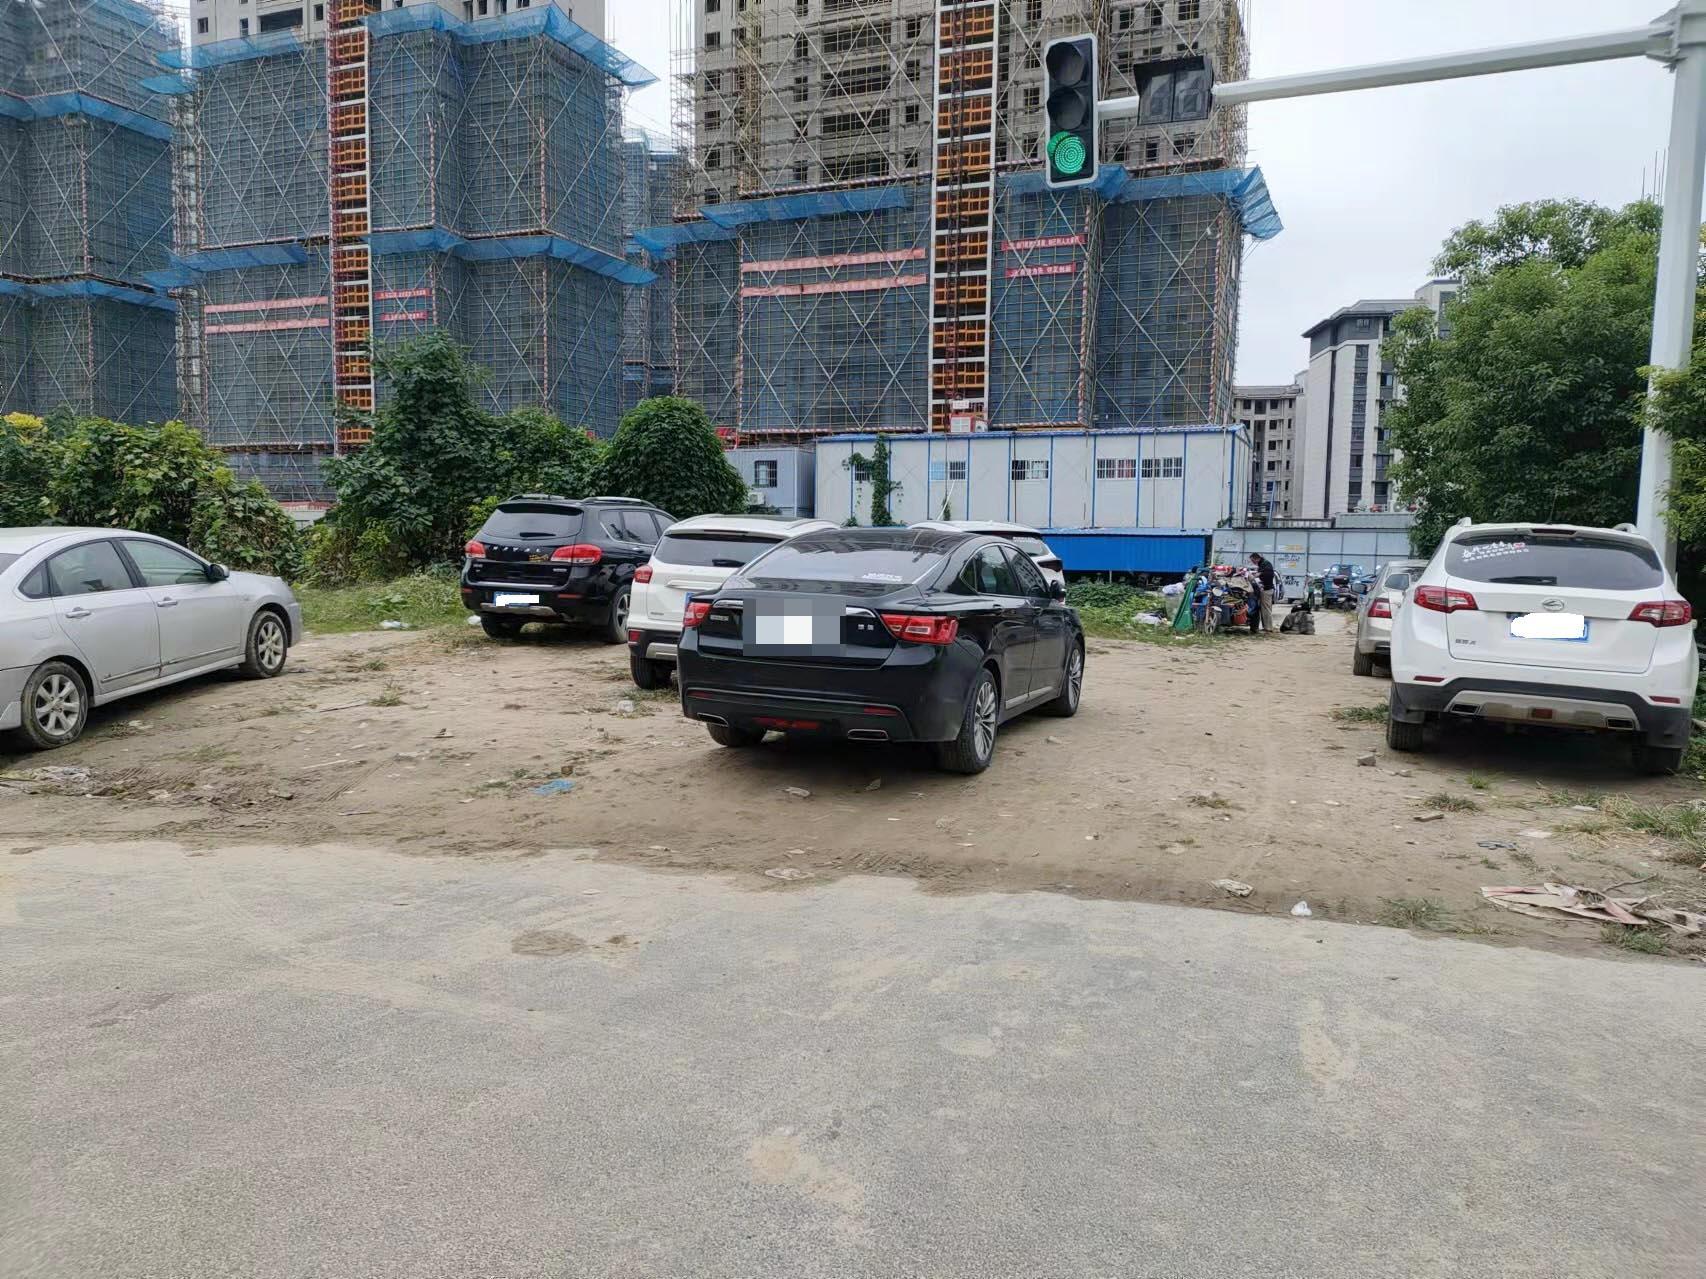 九龙花园附近路段乱停车现象严重